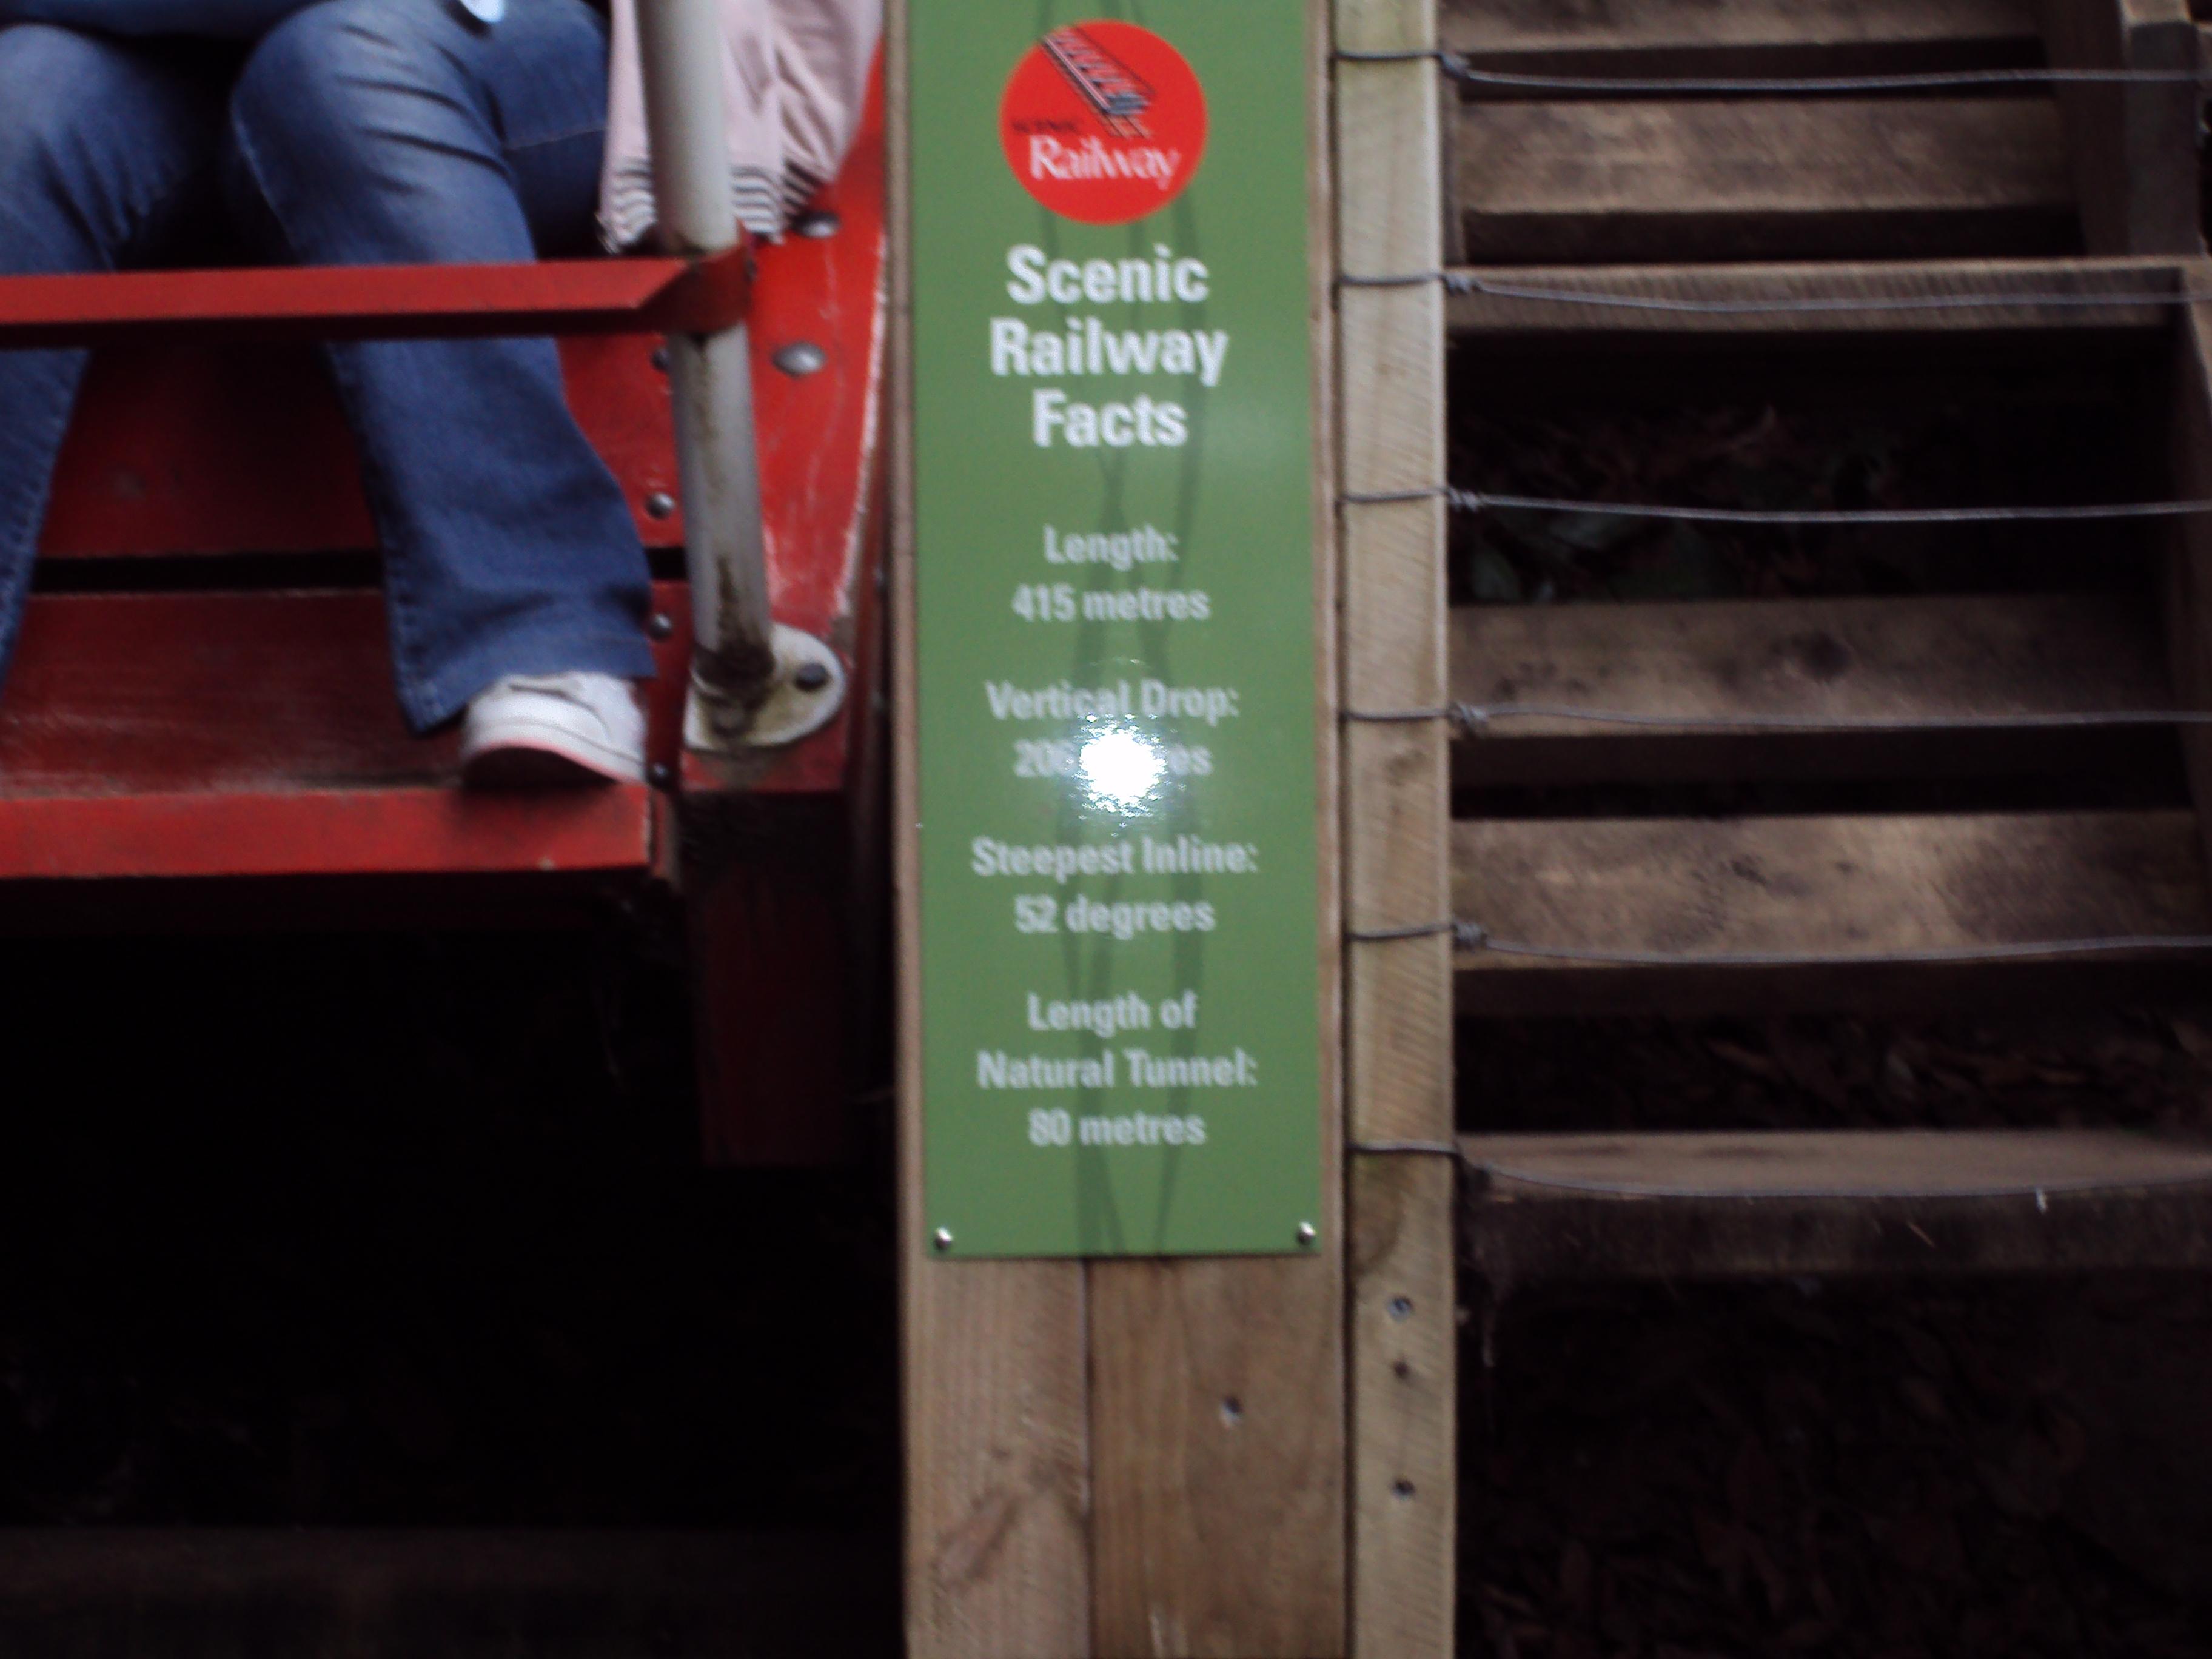 Railway Fun Facts